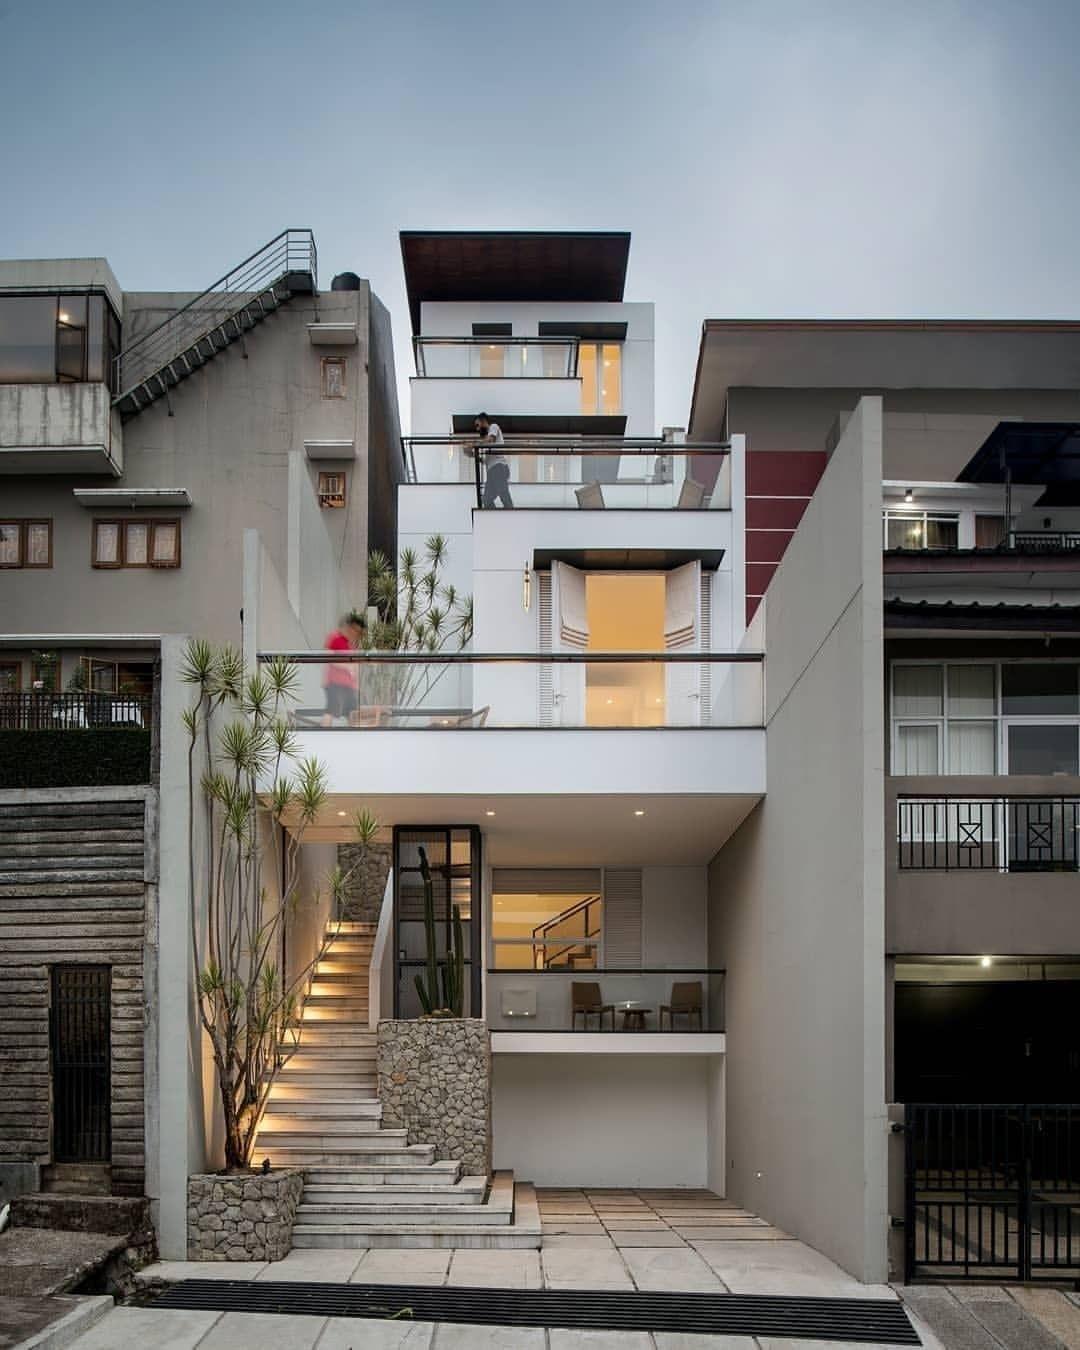 97 Foto Desain Rumah Art Deco Yang Bagus Terbaik Masa Kini ...